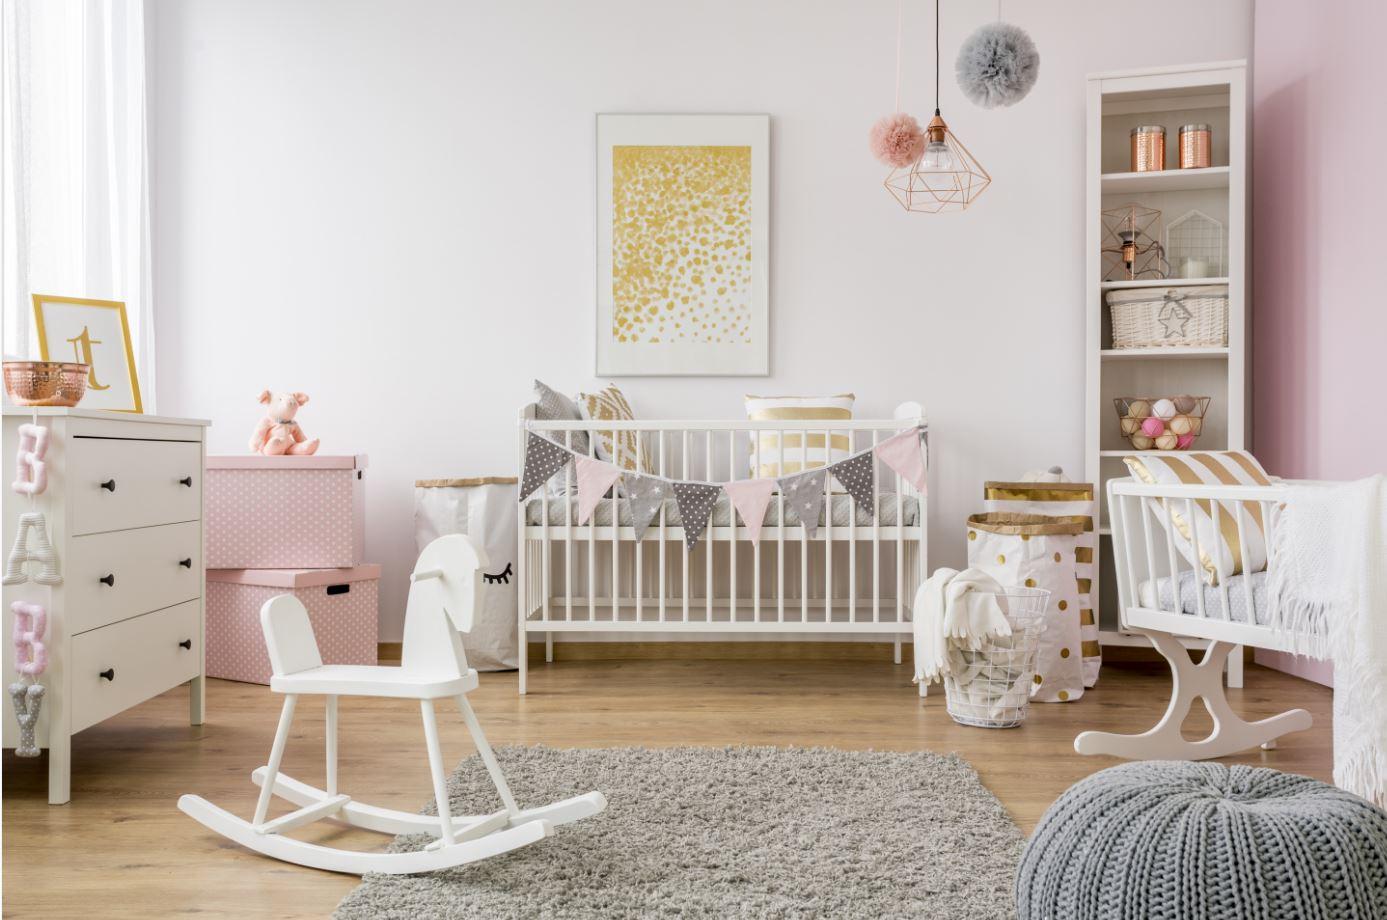 Babyzimmer in rosa und pastelltönen